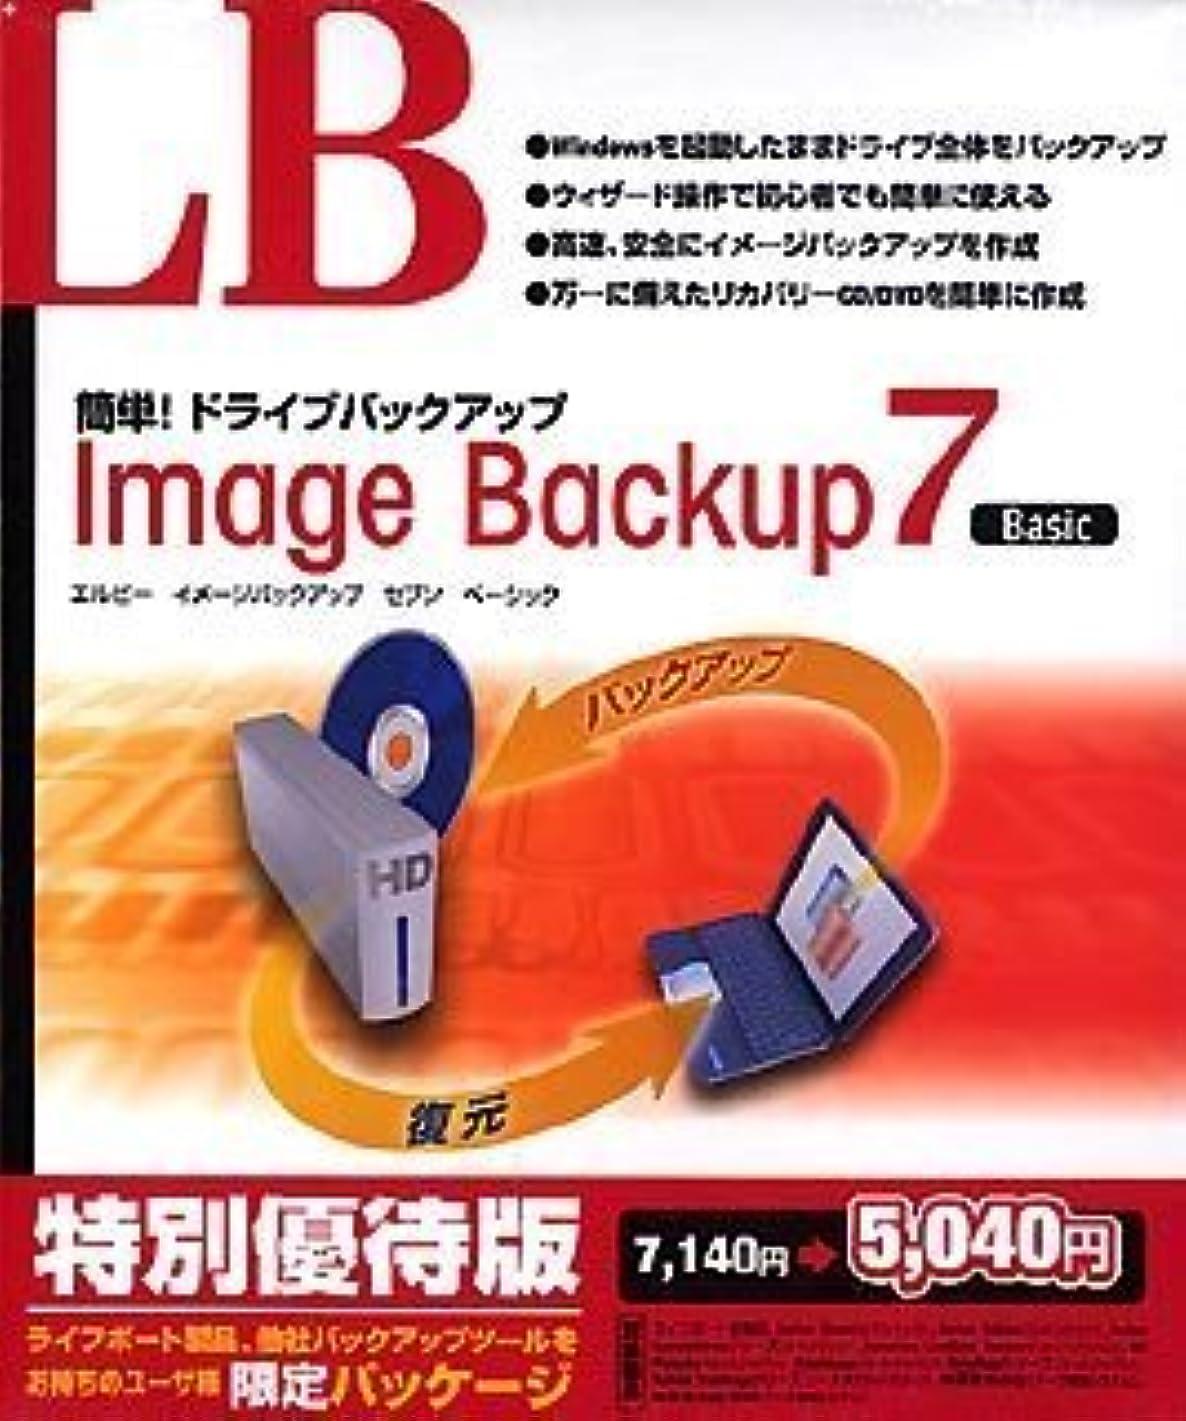 ビール銅キーLB Image Backup 7 Basic 特別優待版